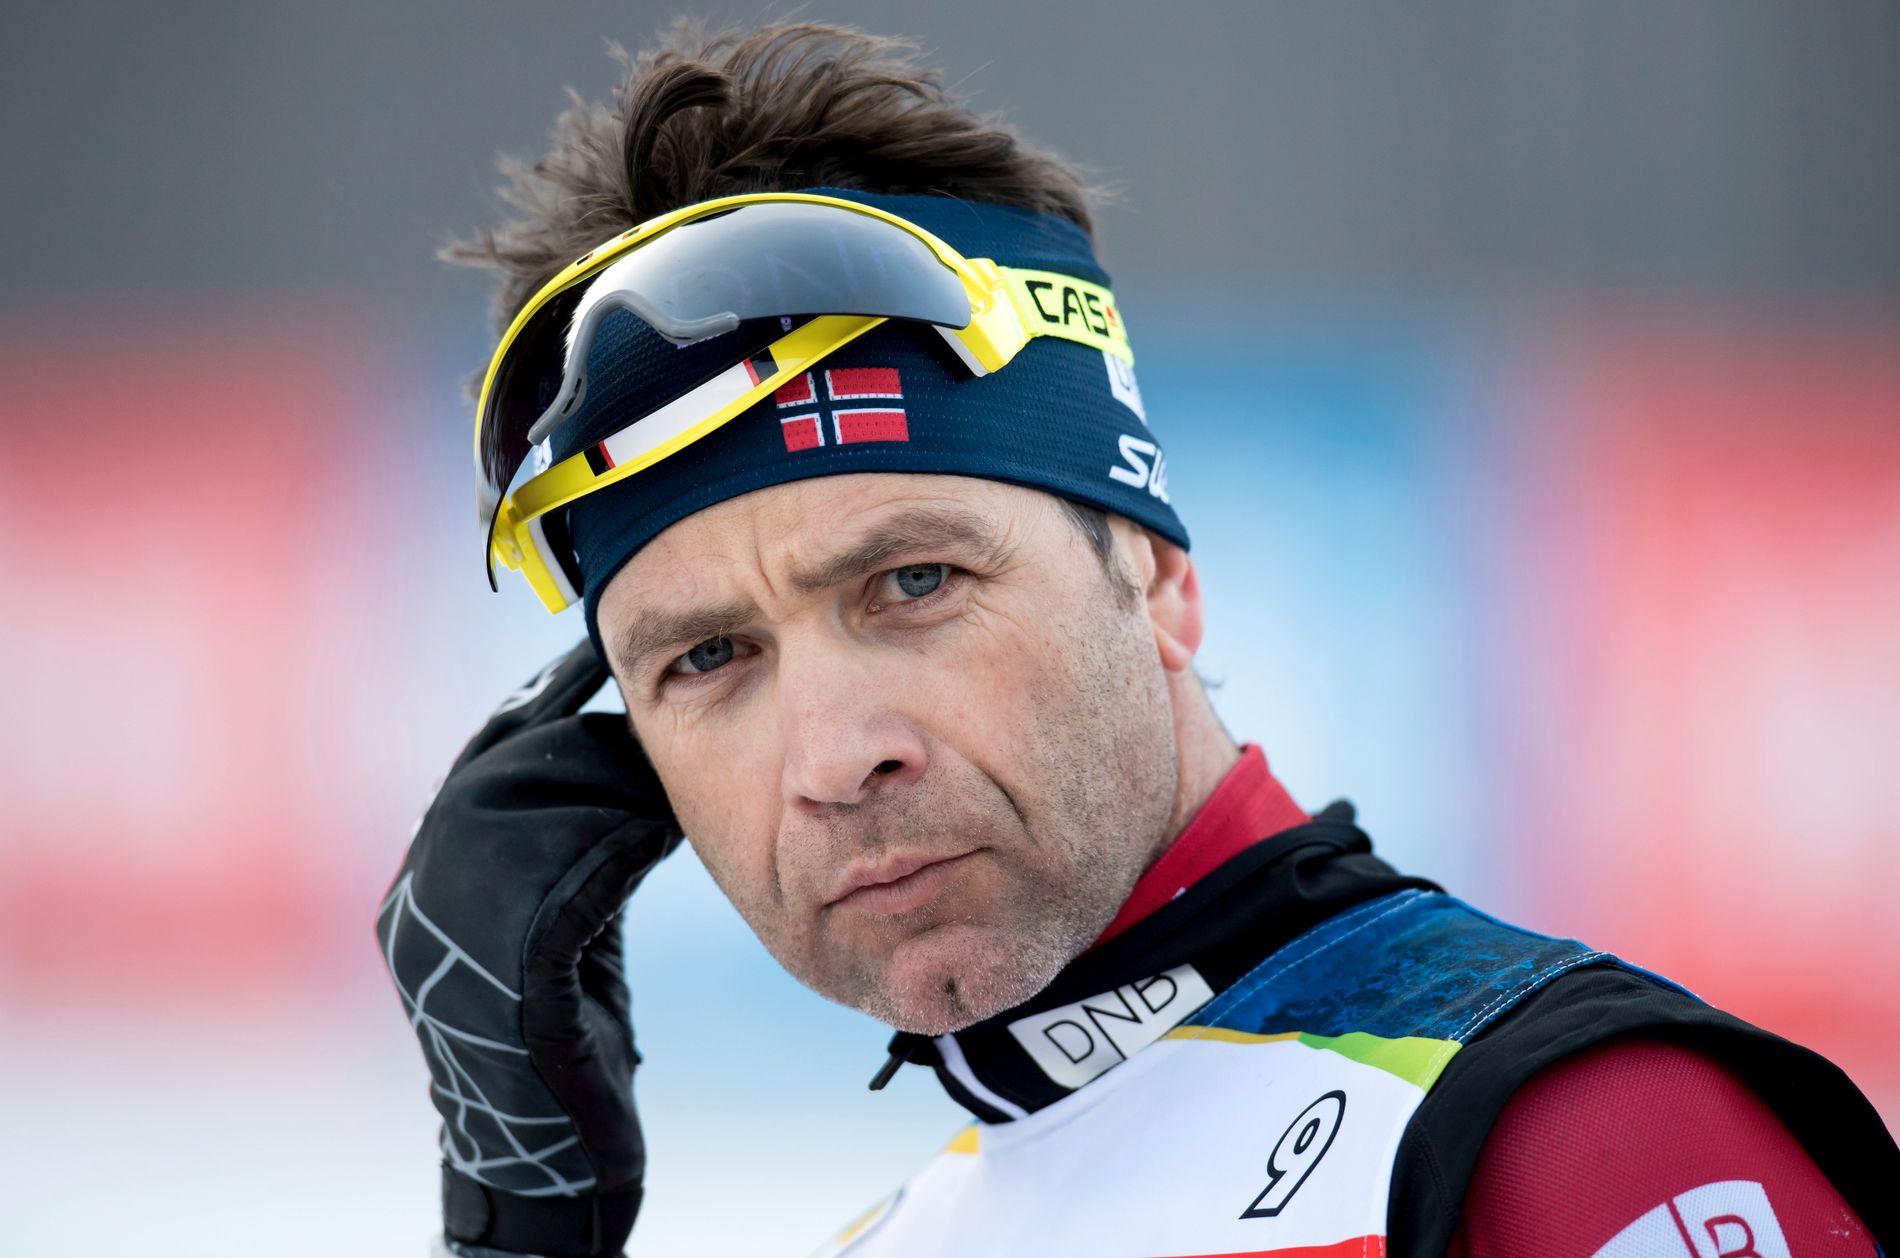 INN I VARMEN: Ole Einar Bjørndalen ble vraket til OL og var reserve til verdenscuprennene i Kontiolahti og Holmenkollen. I morgen prøver han seg på sprinten.